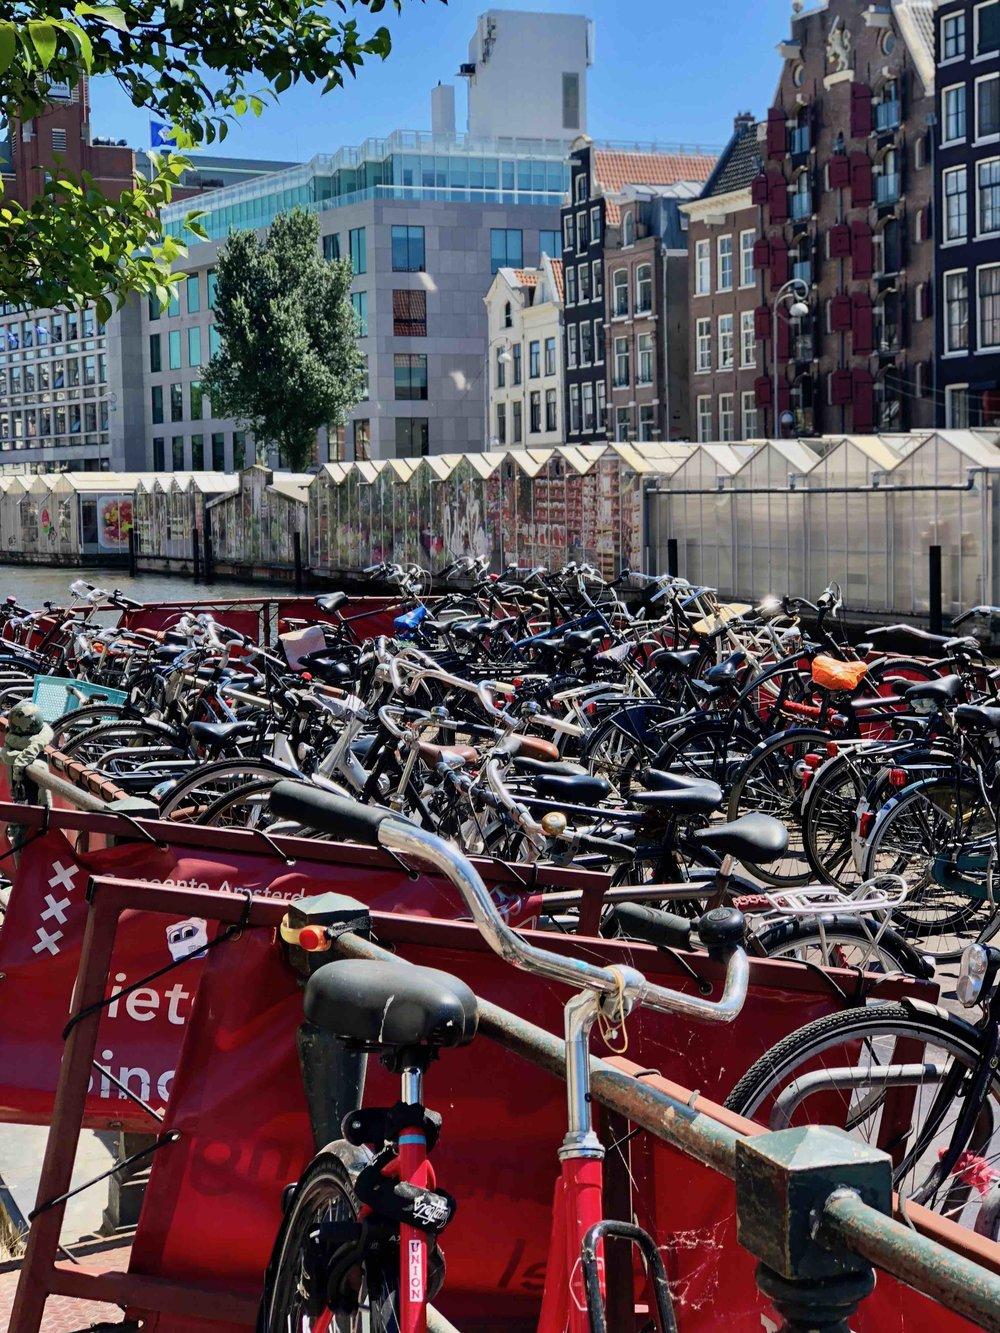 800K bikes